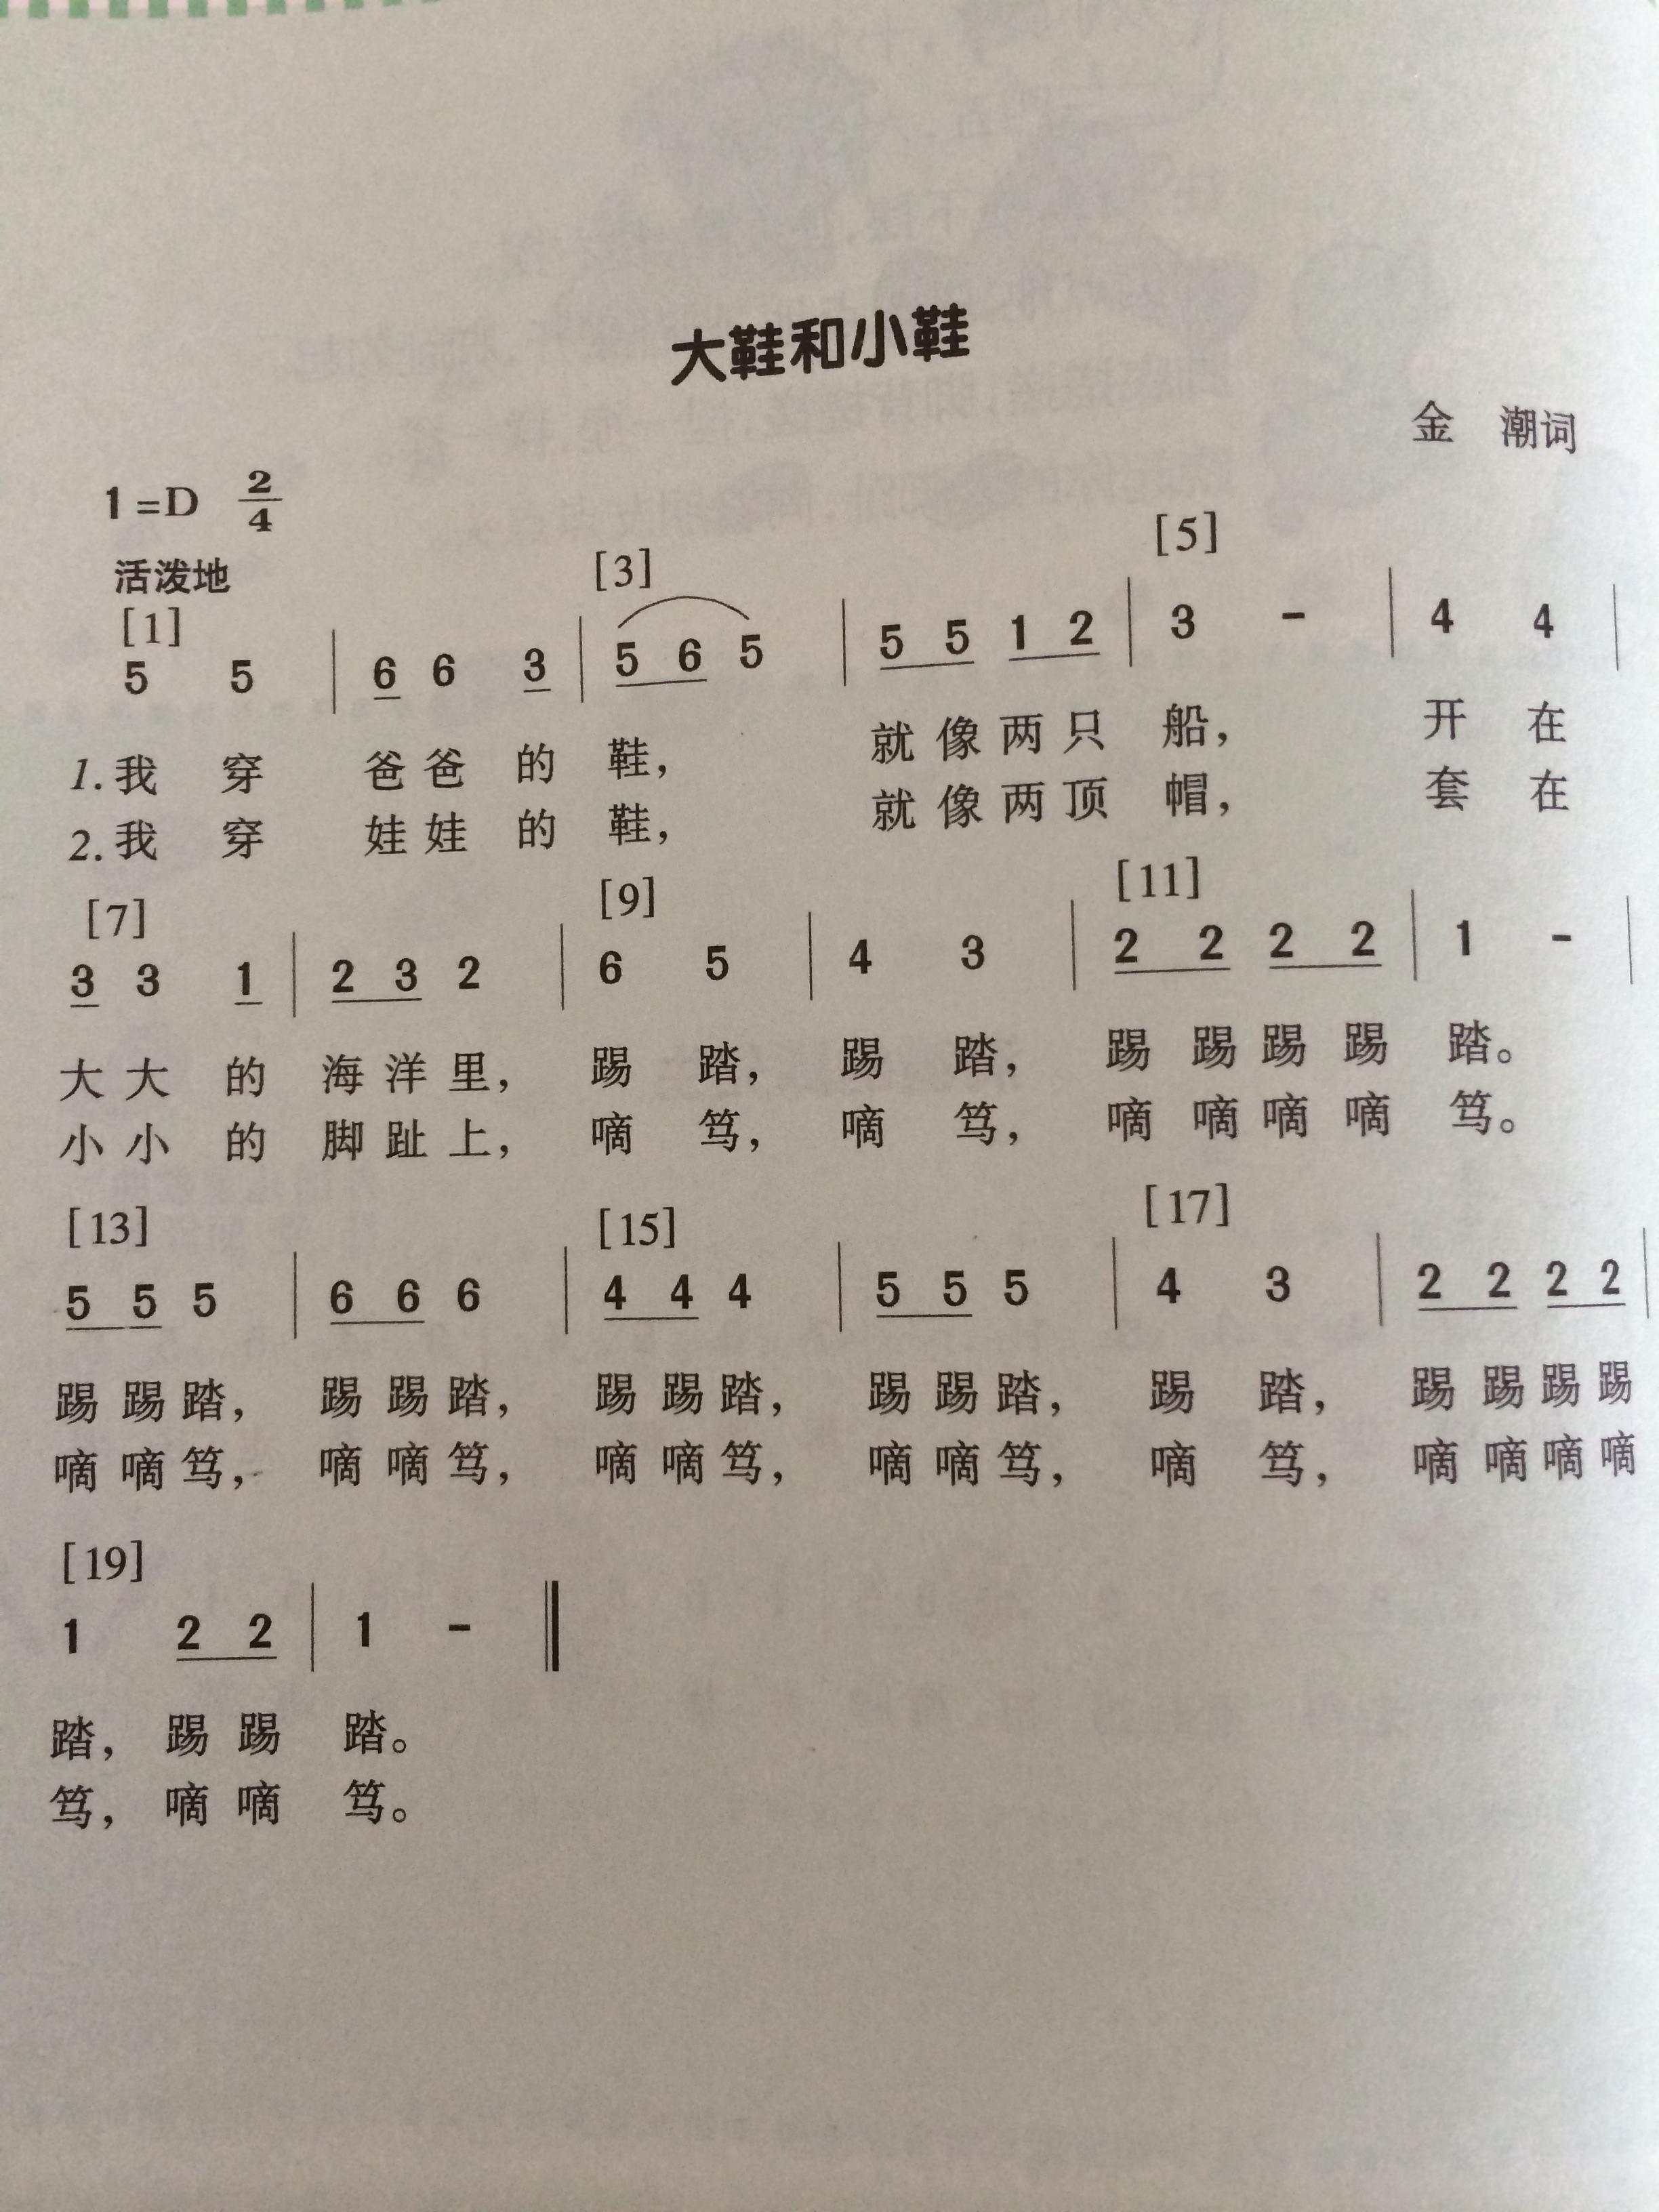 信息详细 - 闵行区爱博果果幼儿园